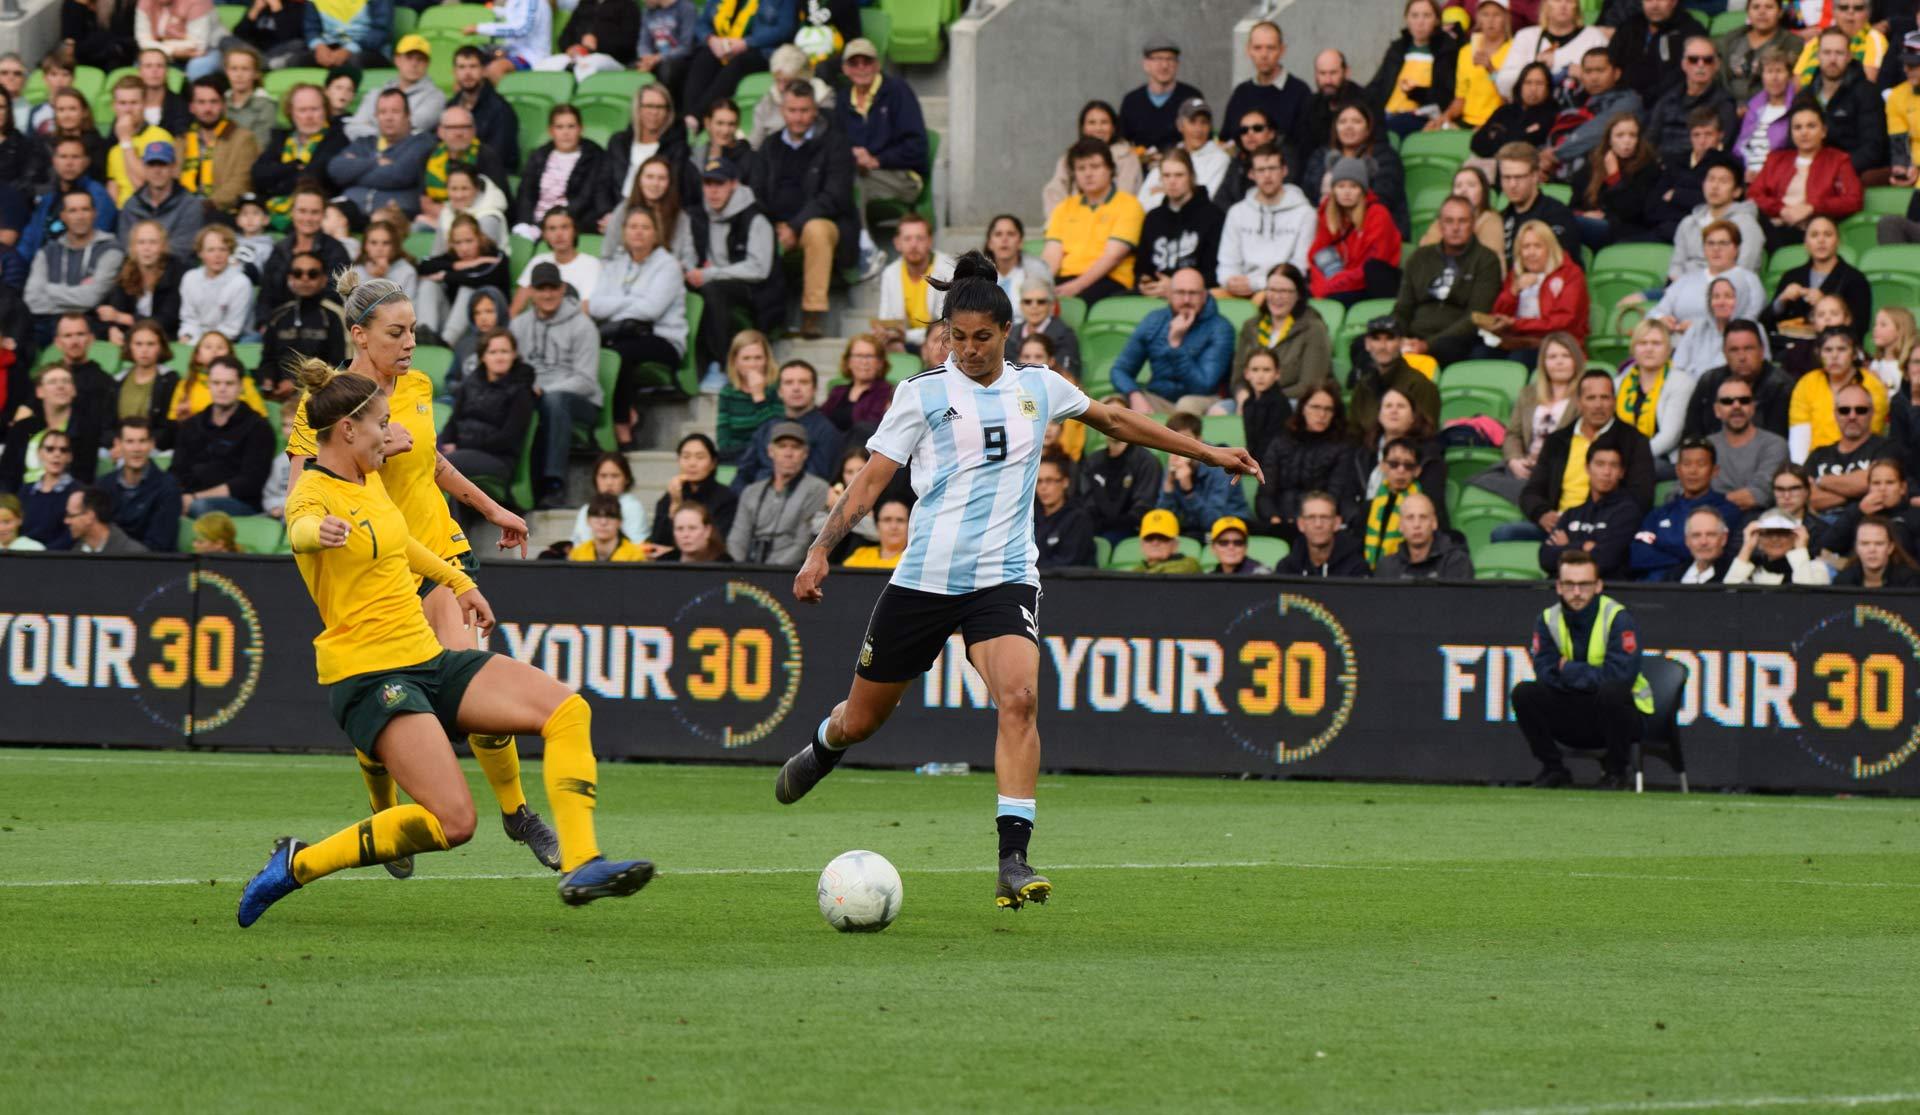 futbol_femenino_04_full